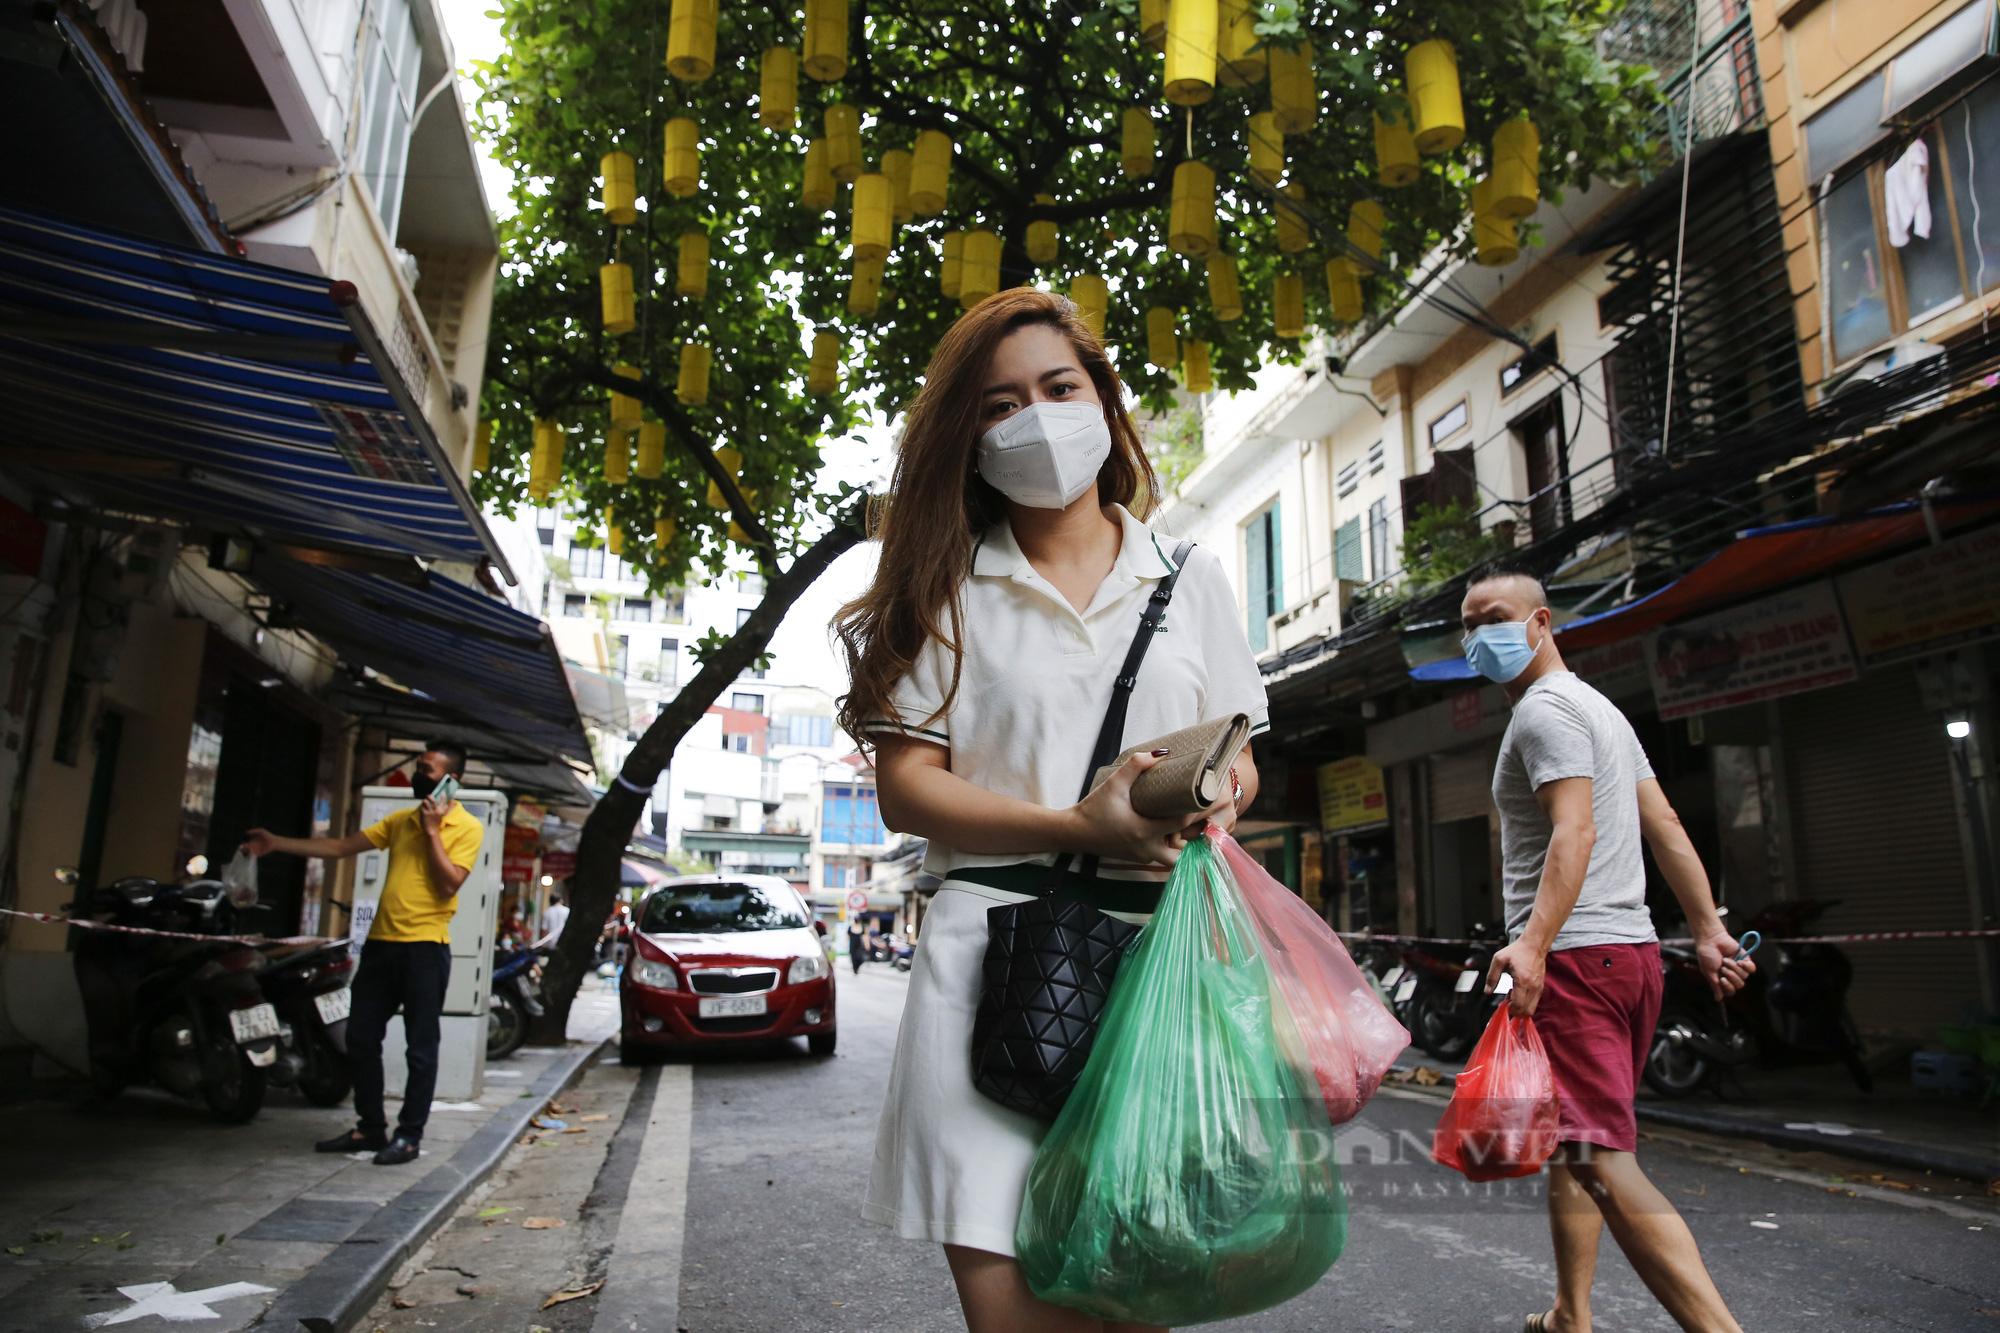 """Xem người dân phố cổ Hà Nội đi chợ """"nhà giàu"""" trong ngày giãn cách xã hội - Ảnh 8."""